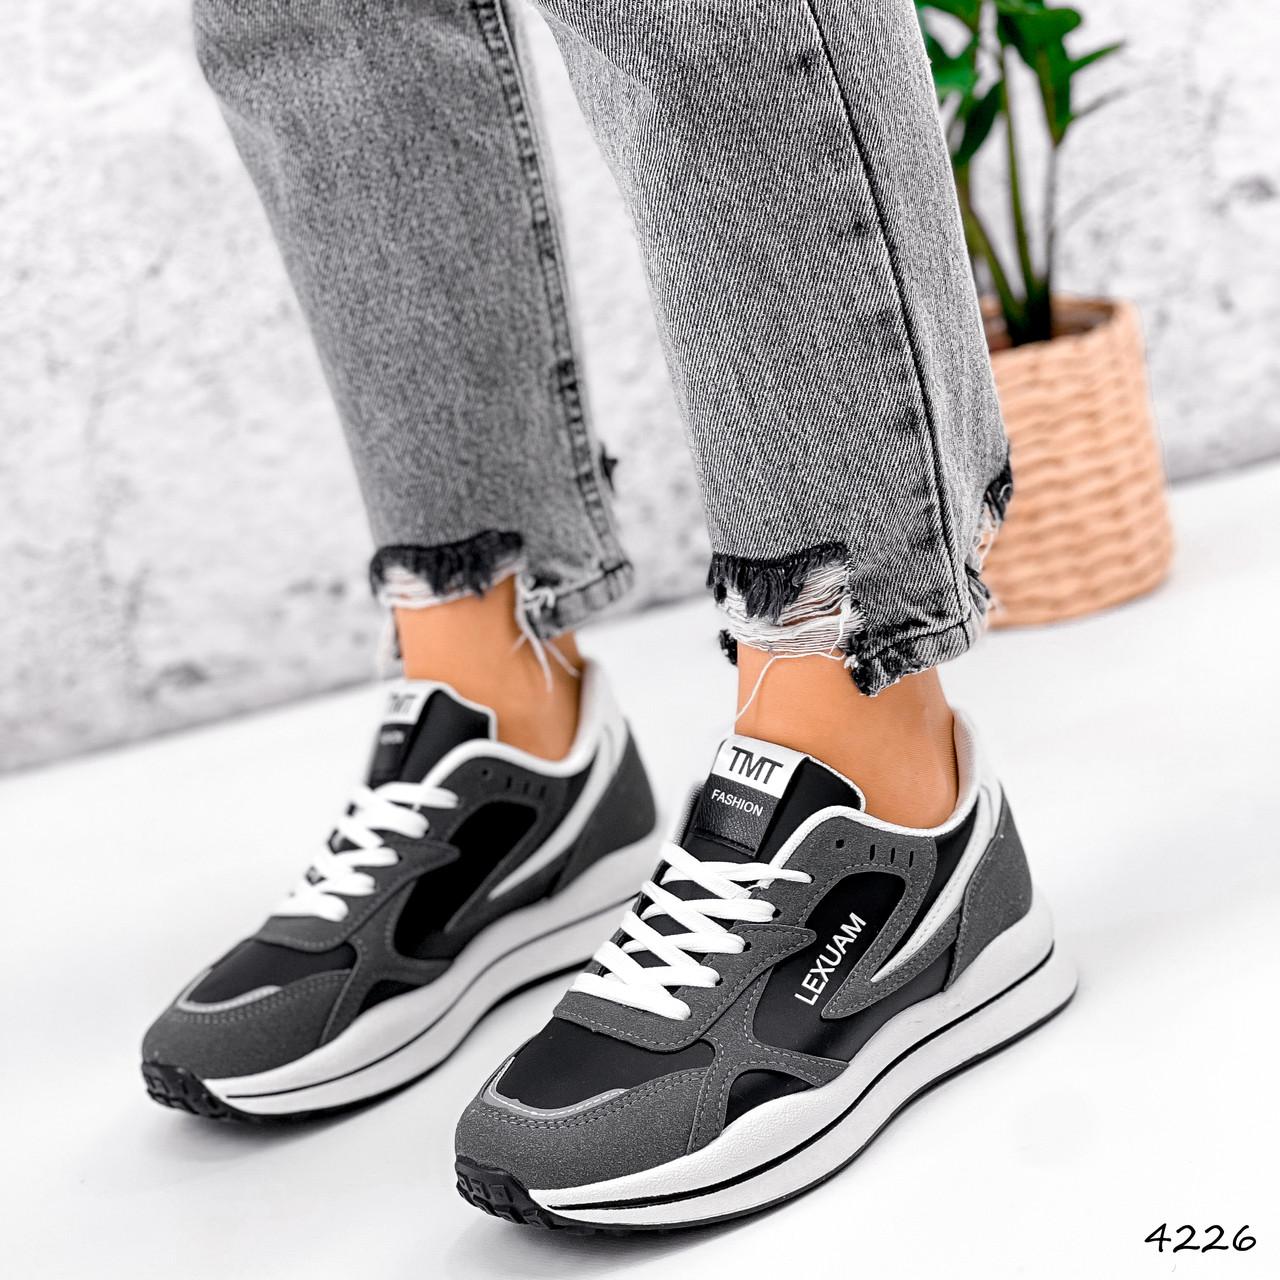 Кросівки жіночі Saint Alicienta сірий + чорний 4226